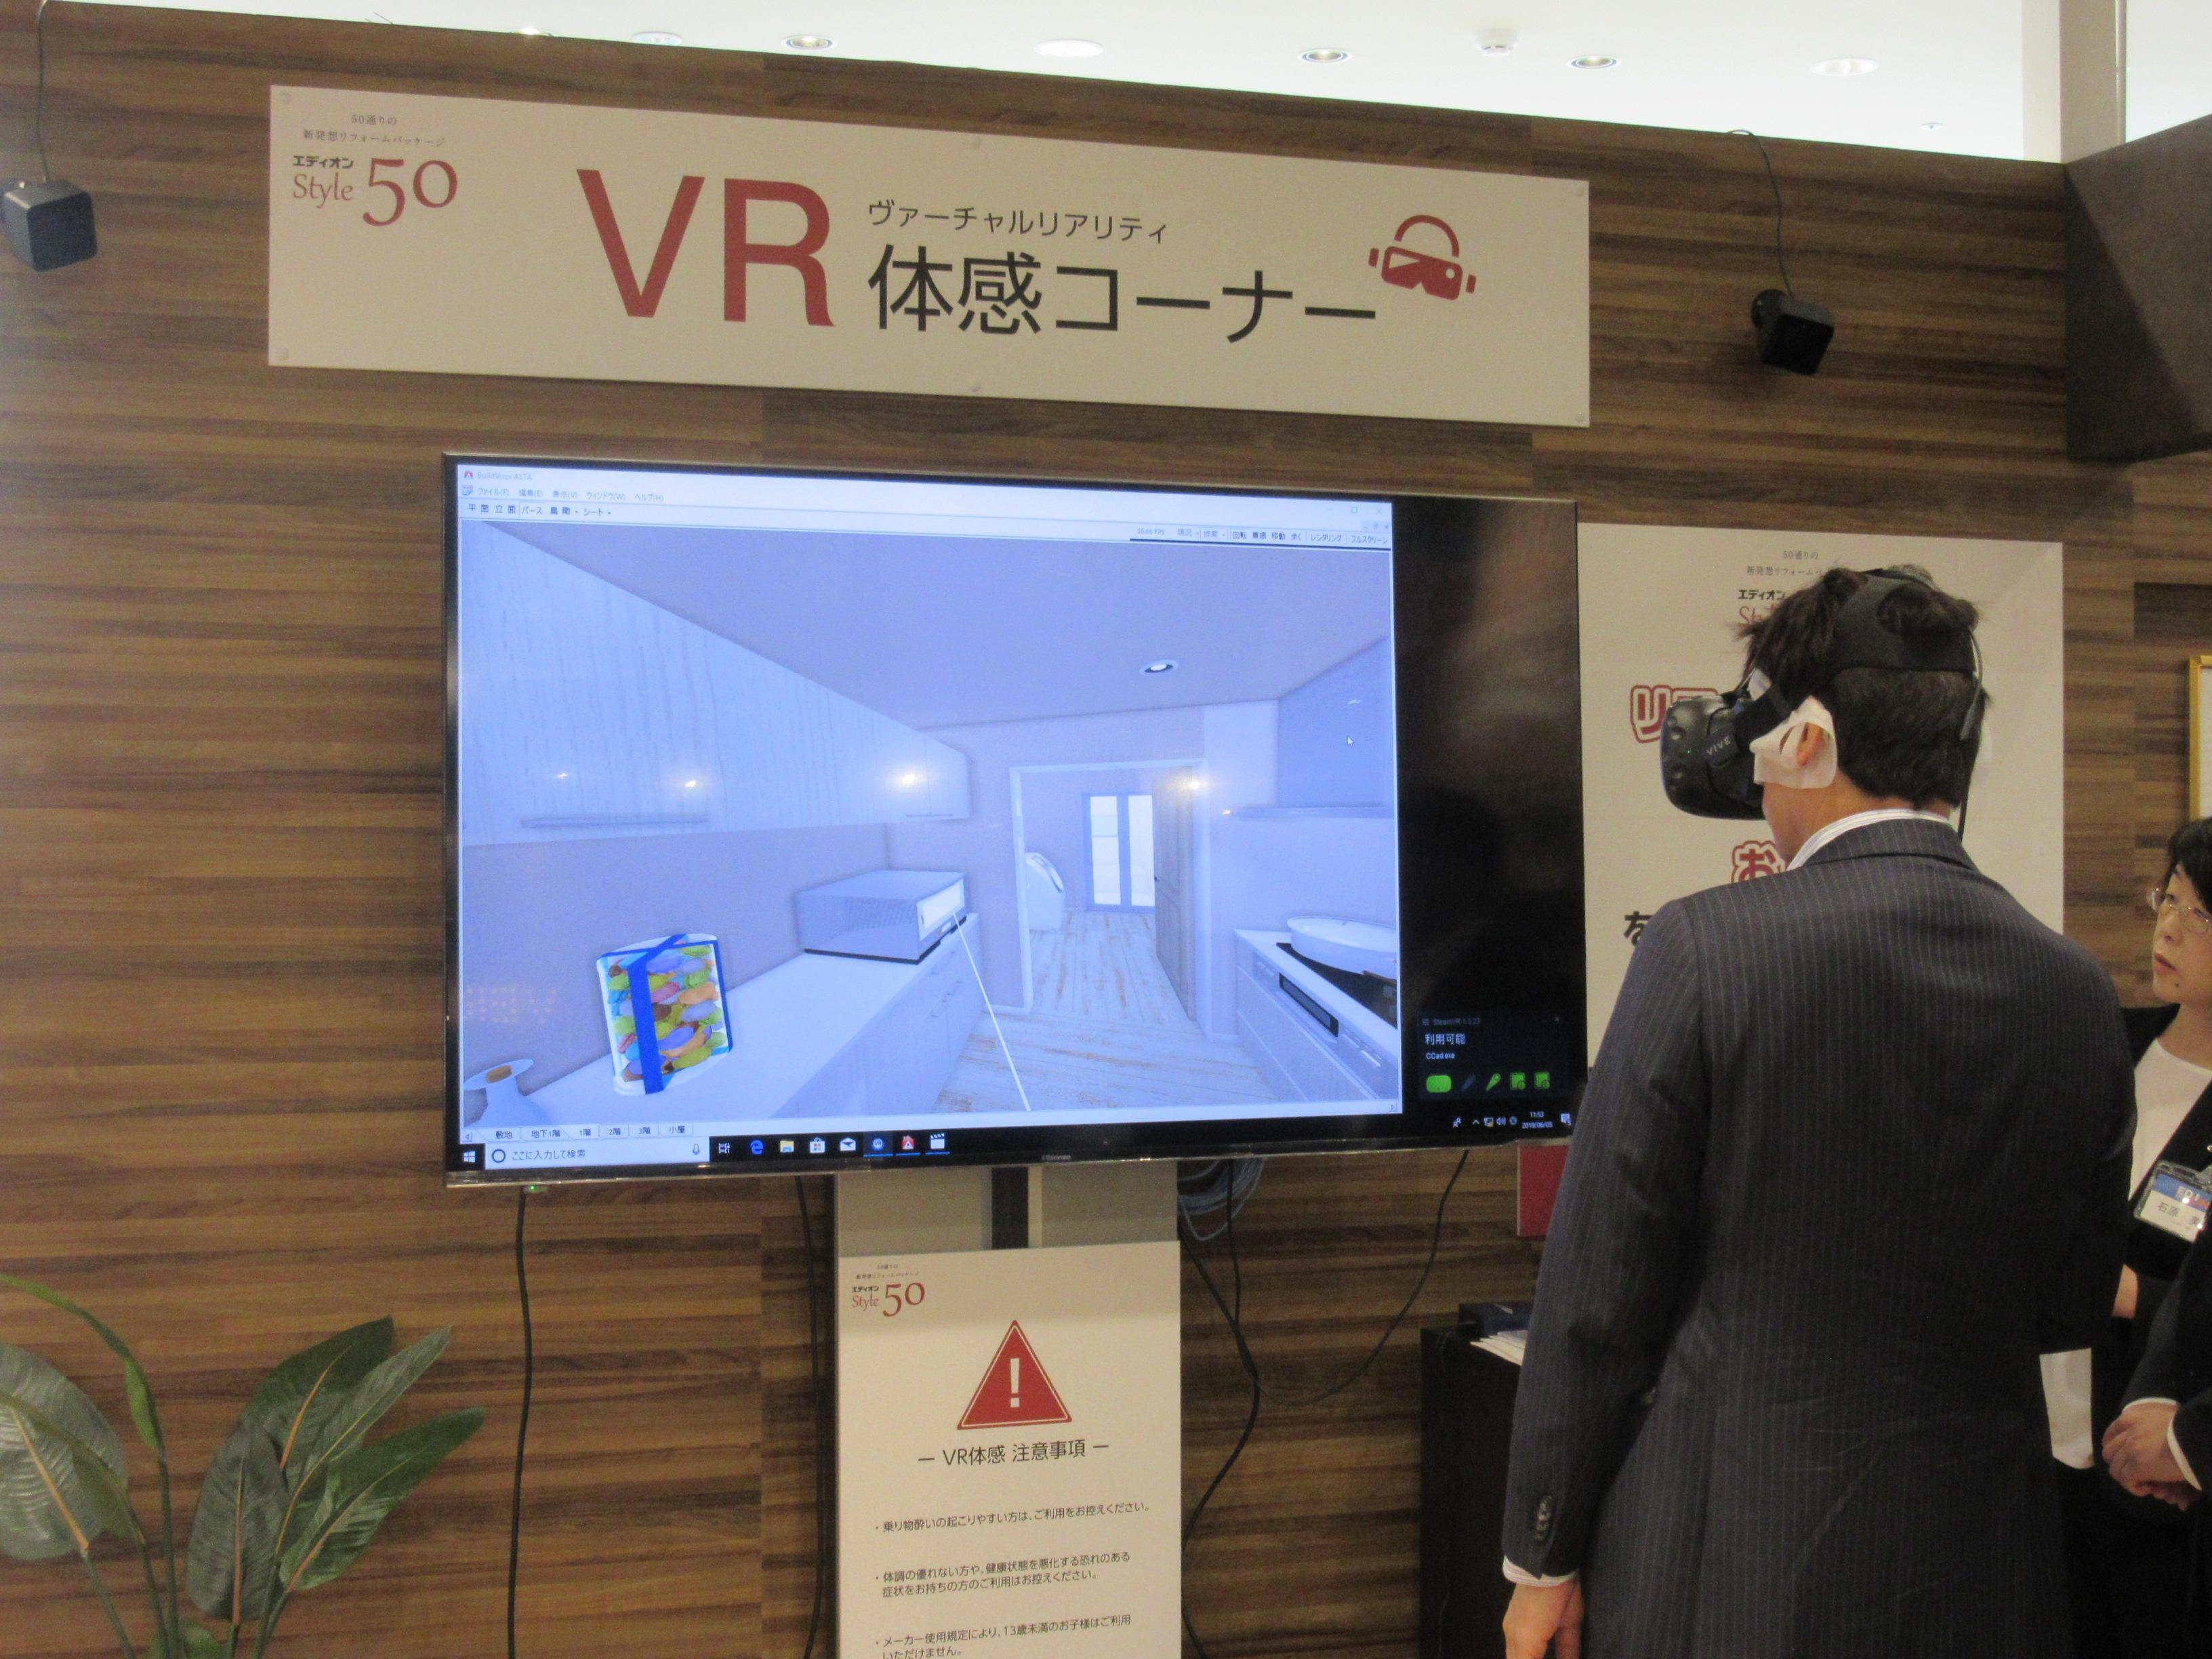 リフォーム後の室内がどのようになるか、VRを活用してお客に提案